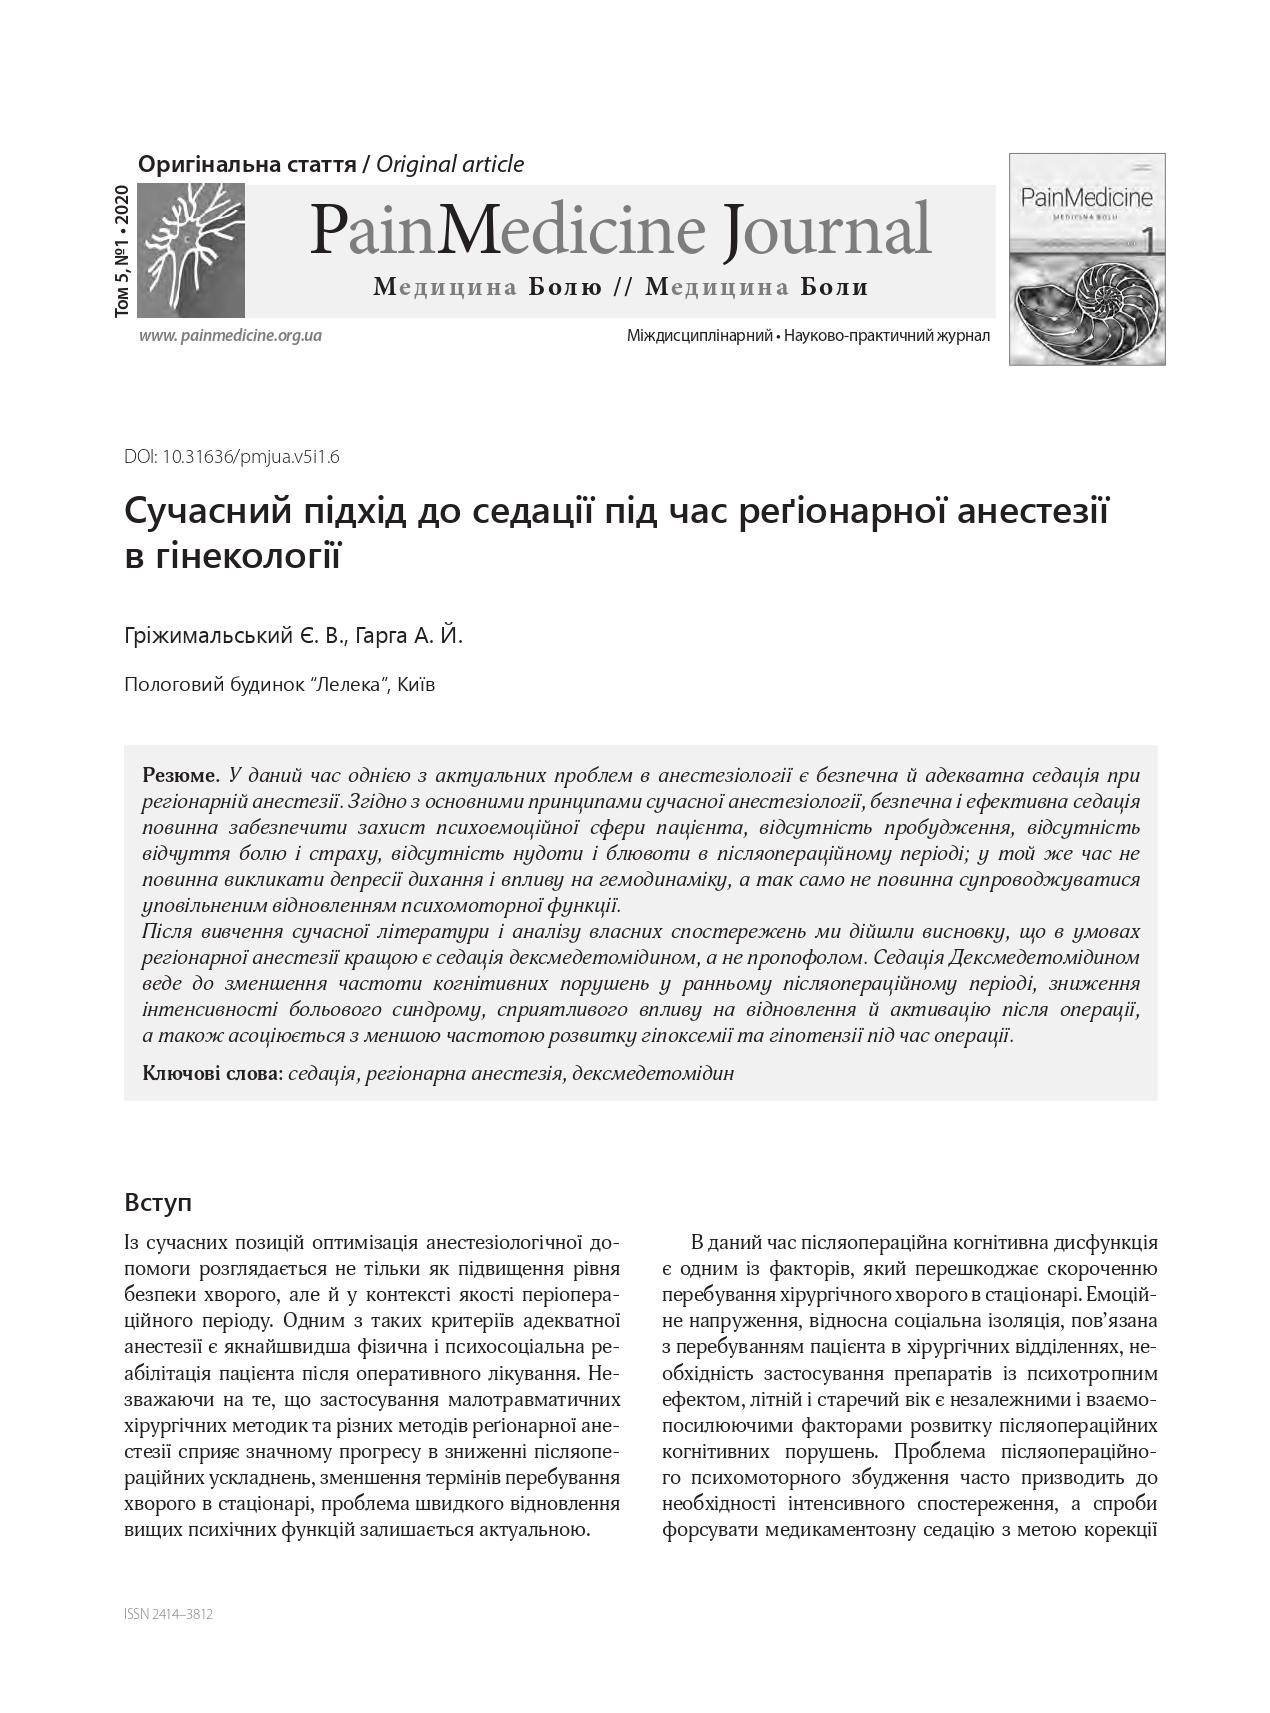 Сучасний підхід до седації під час реґіонарної анестезії в гінекології